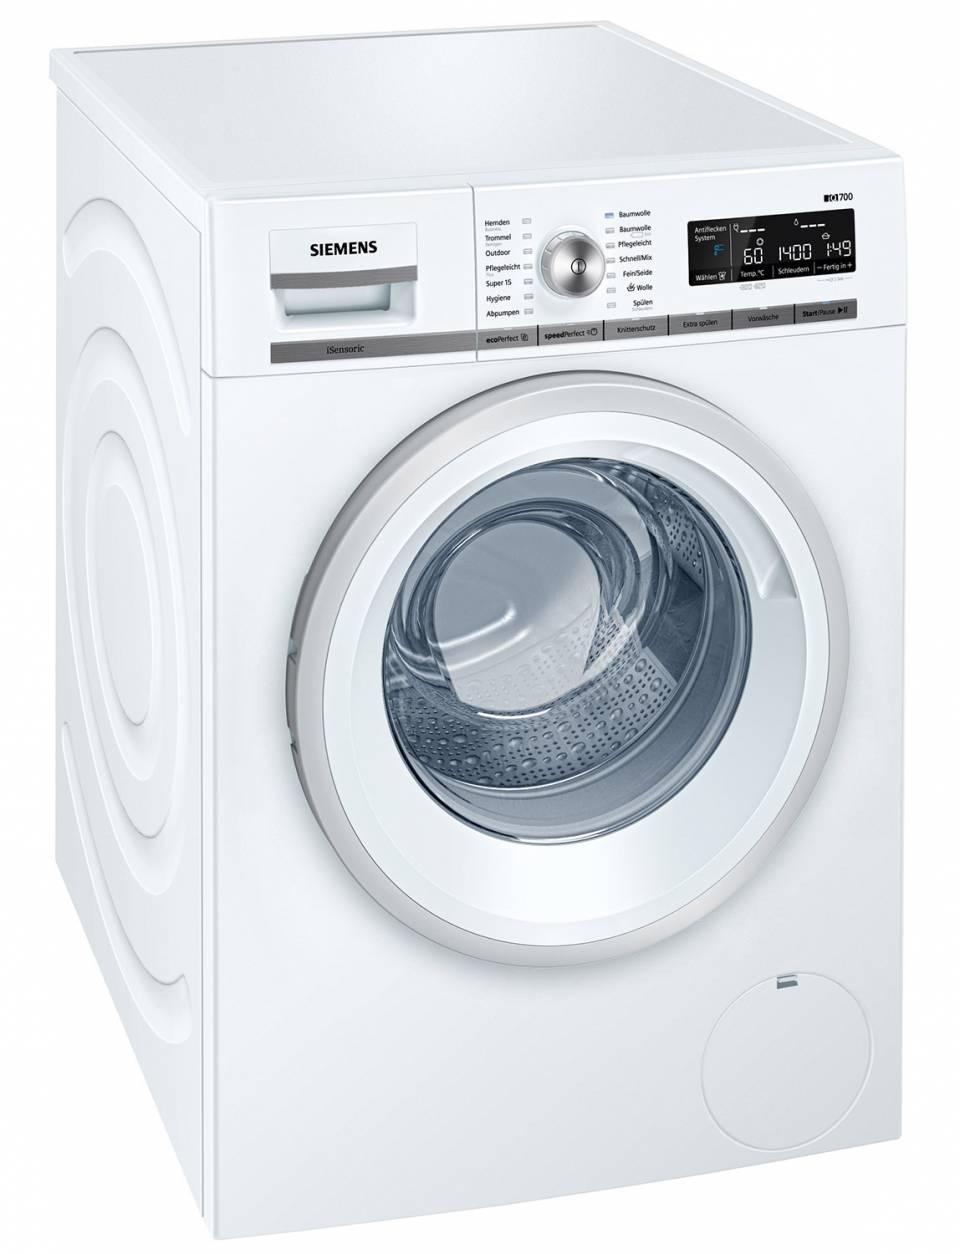 Top-Gerät für die Wäschepflege: Siemens WM14W570.